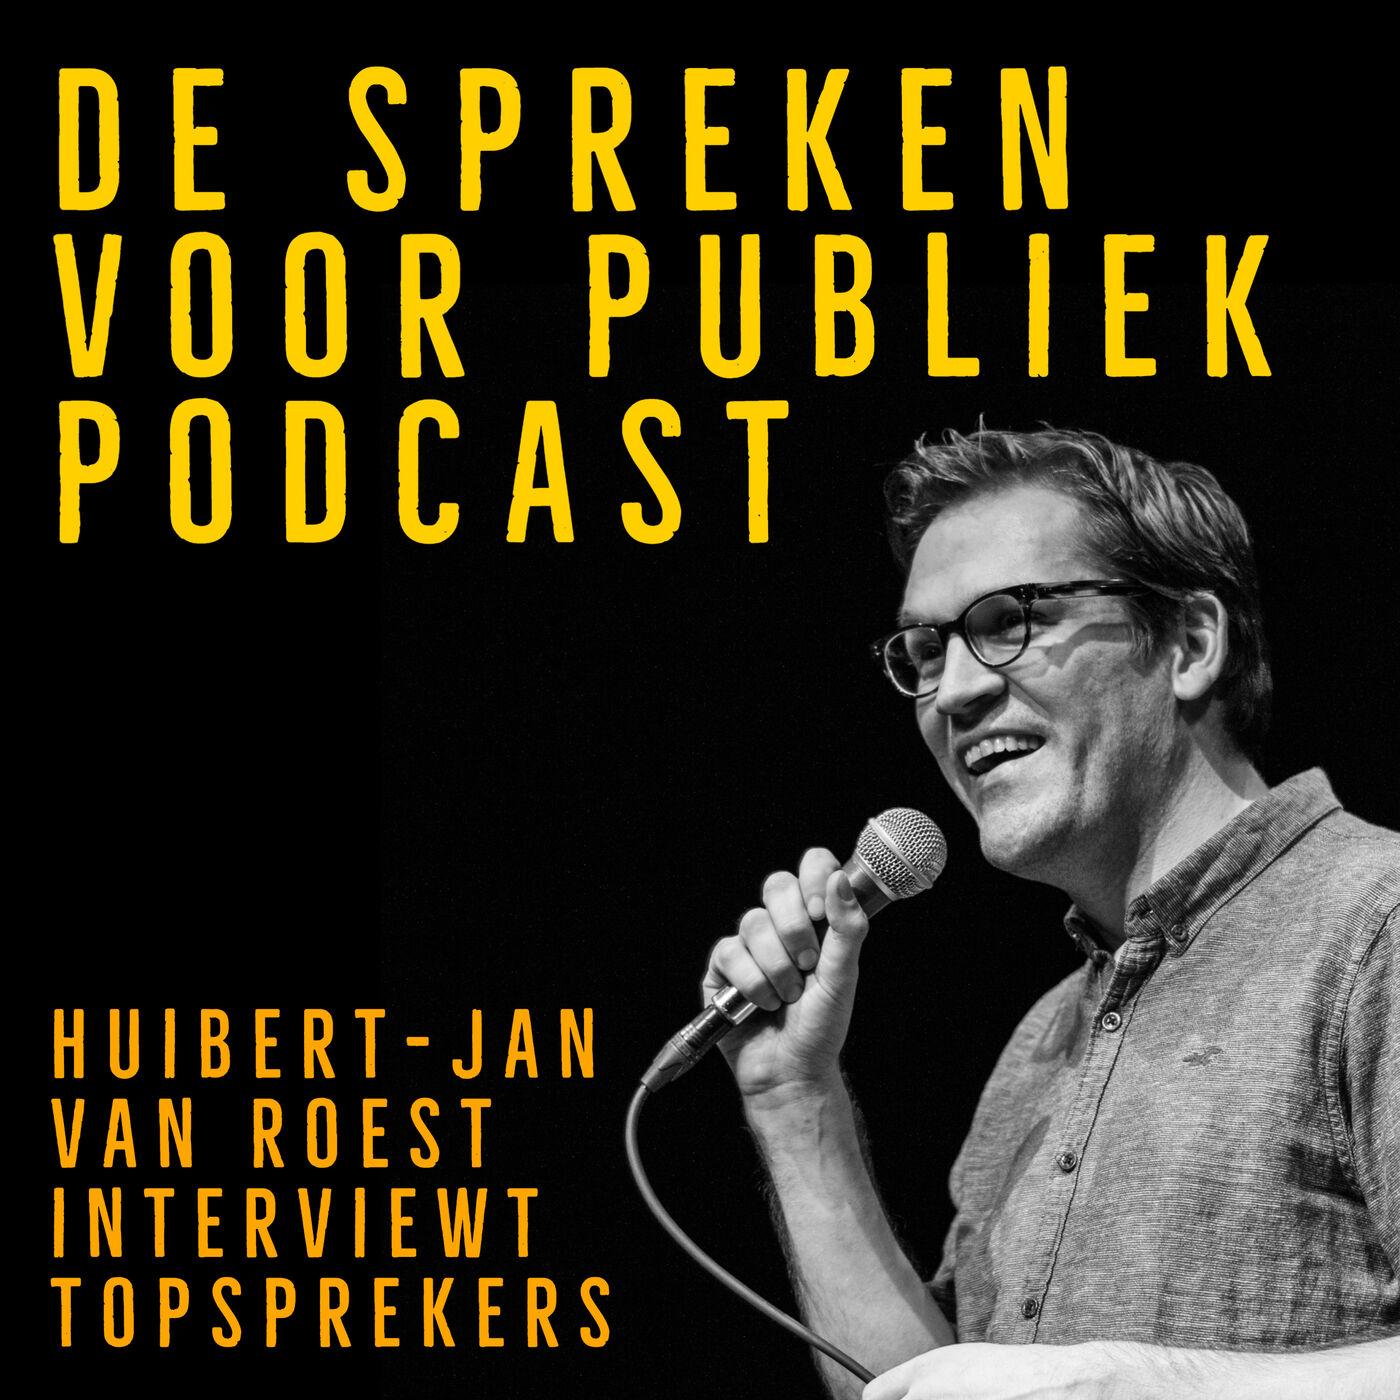 Spreken voor publiek Podcast logo